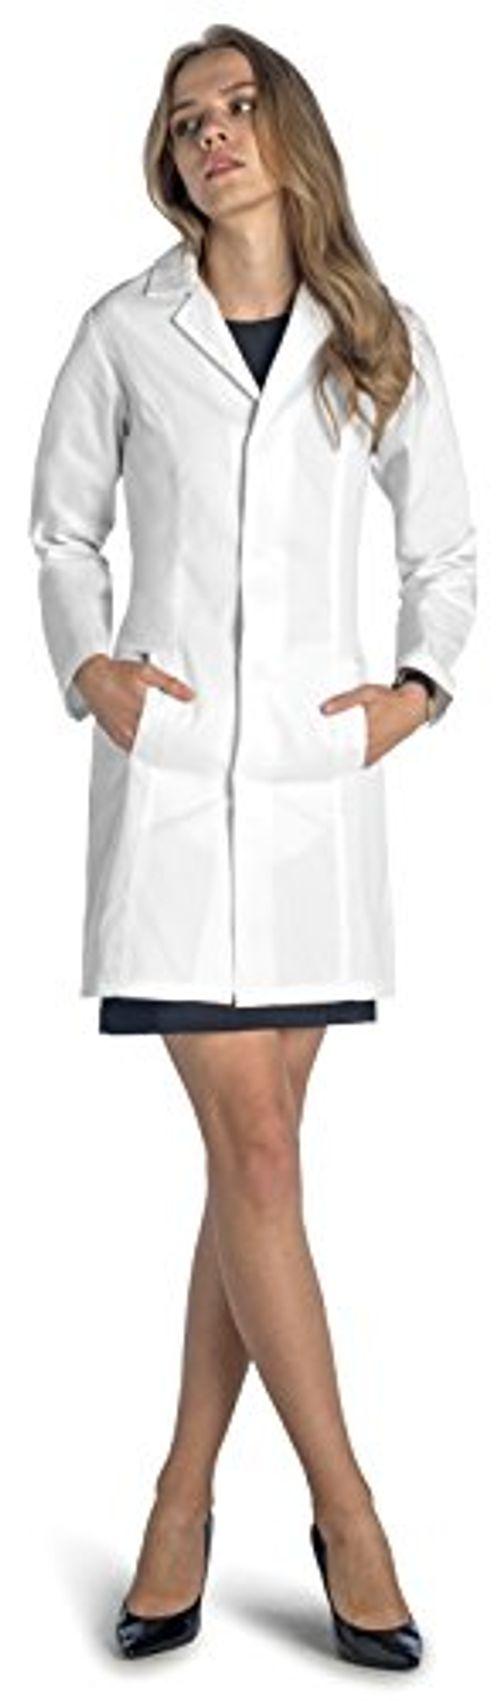 photo Wallpaper of Dr. James-Dr. James Taillierter Slim Fit Laborkittel Für Damen DE 18-Weiß